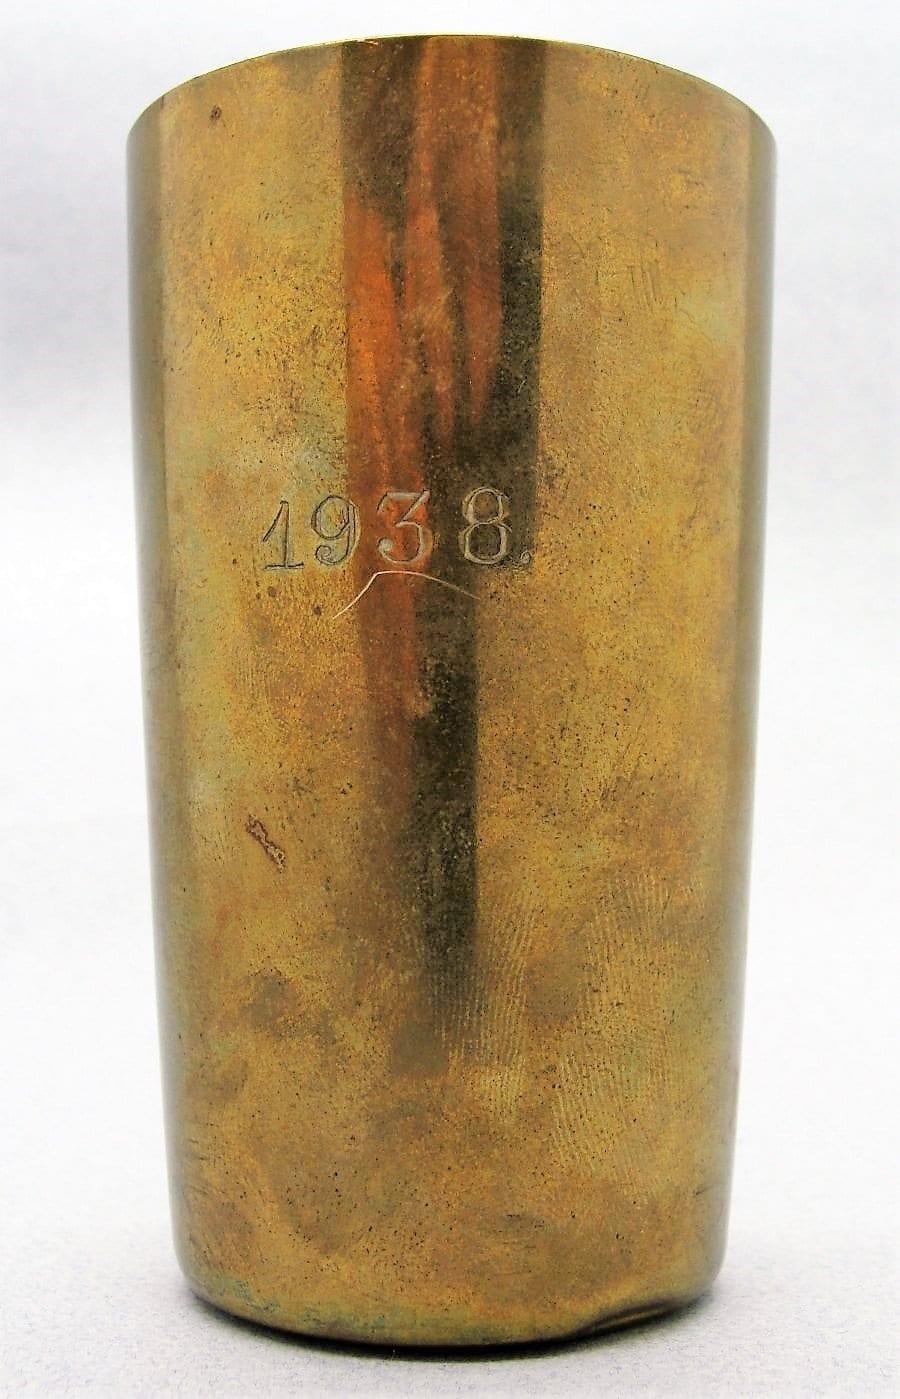 Mecklenburgischer Regatta Verein Cup from 1938